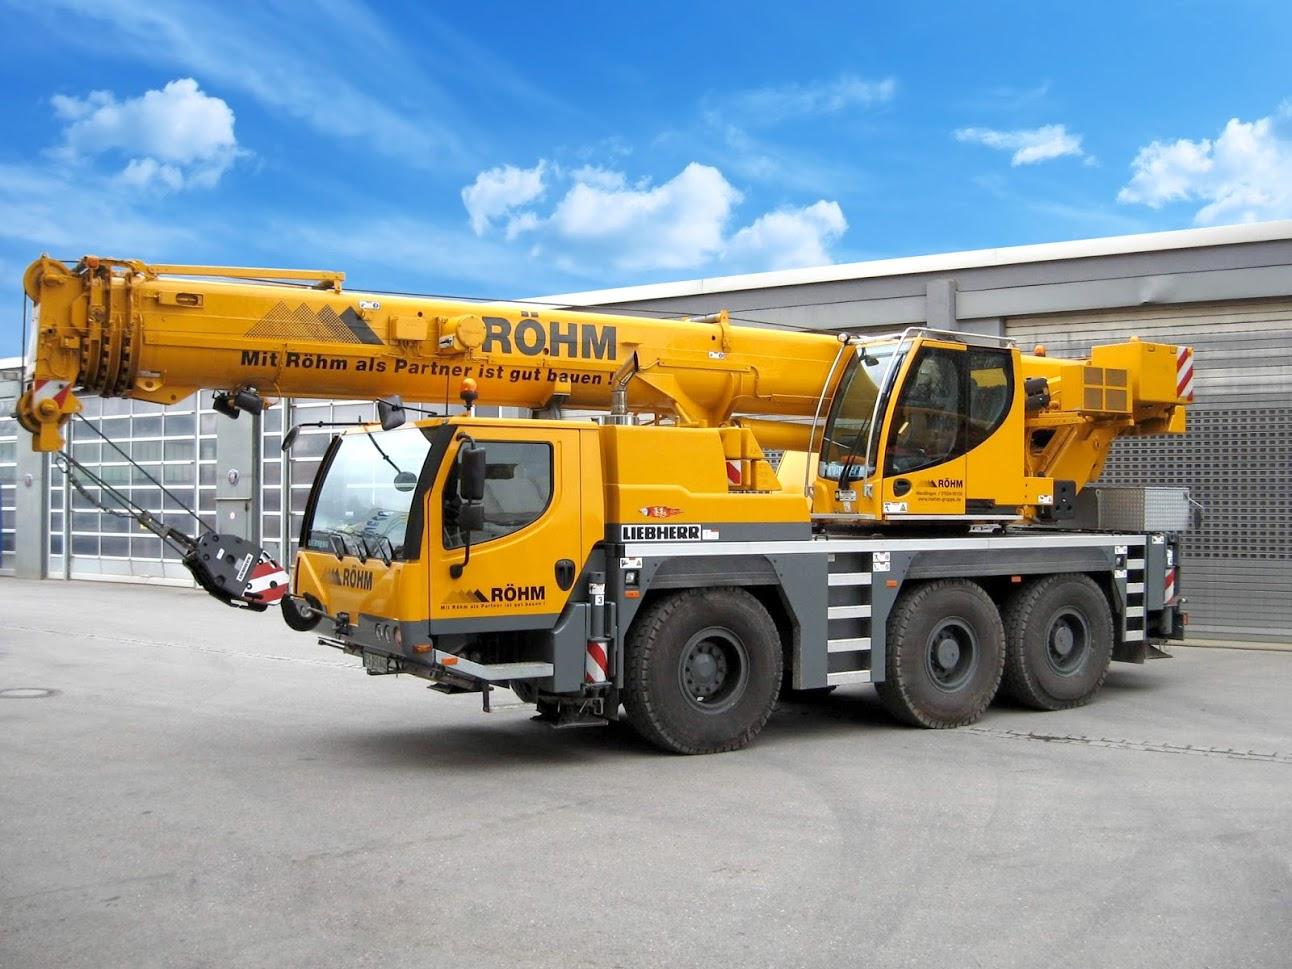 Röhm Krane GmbH & Co. KG